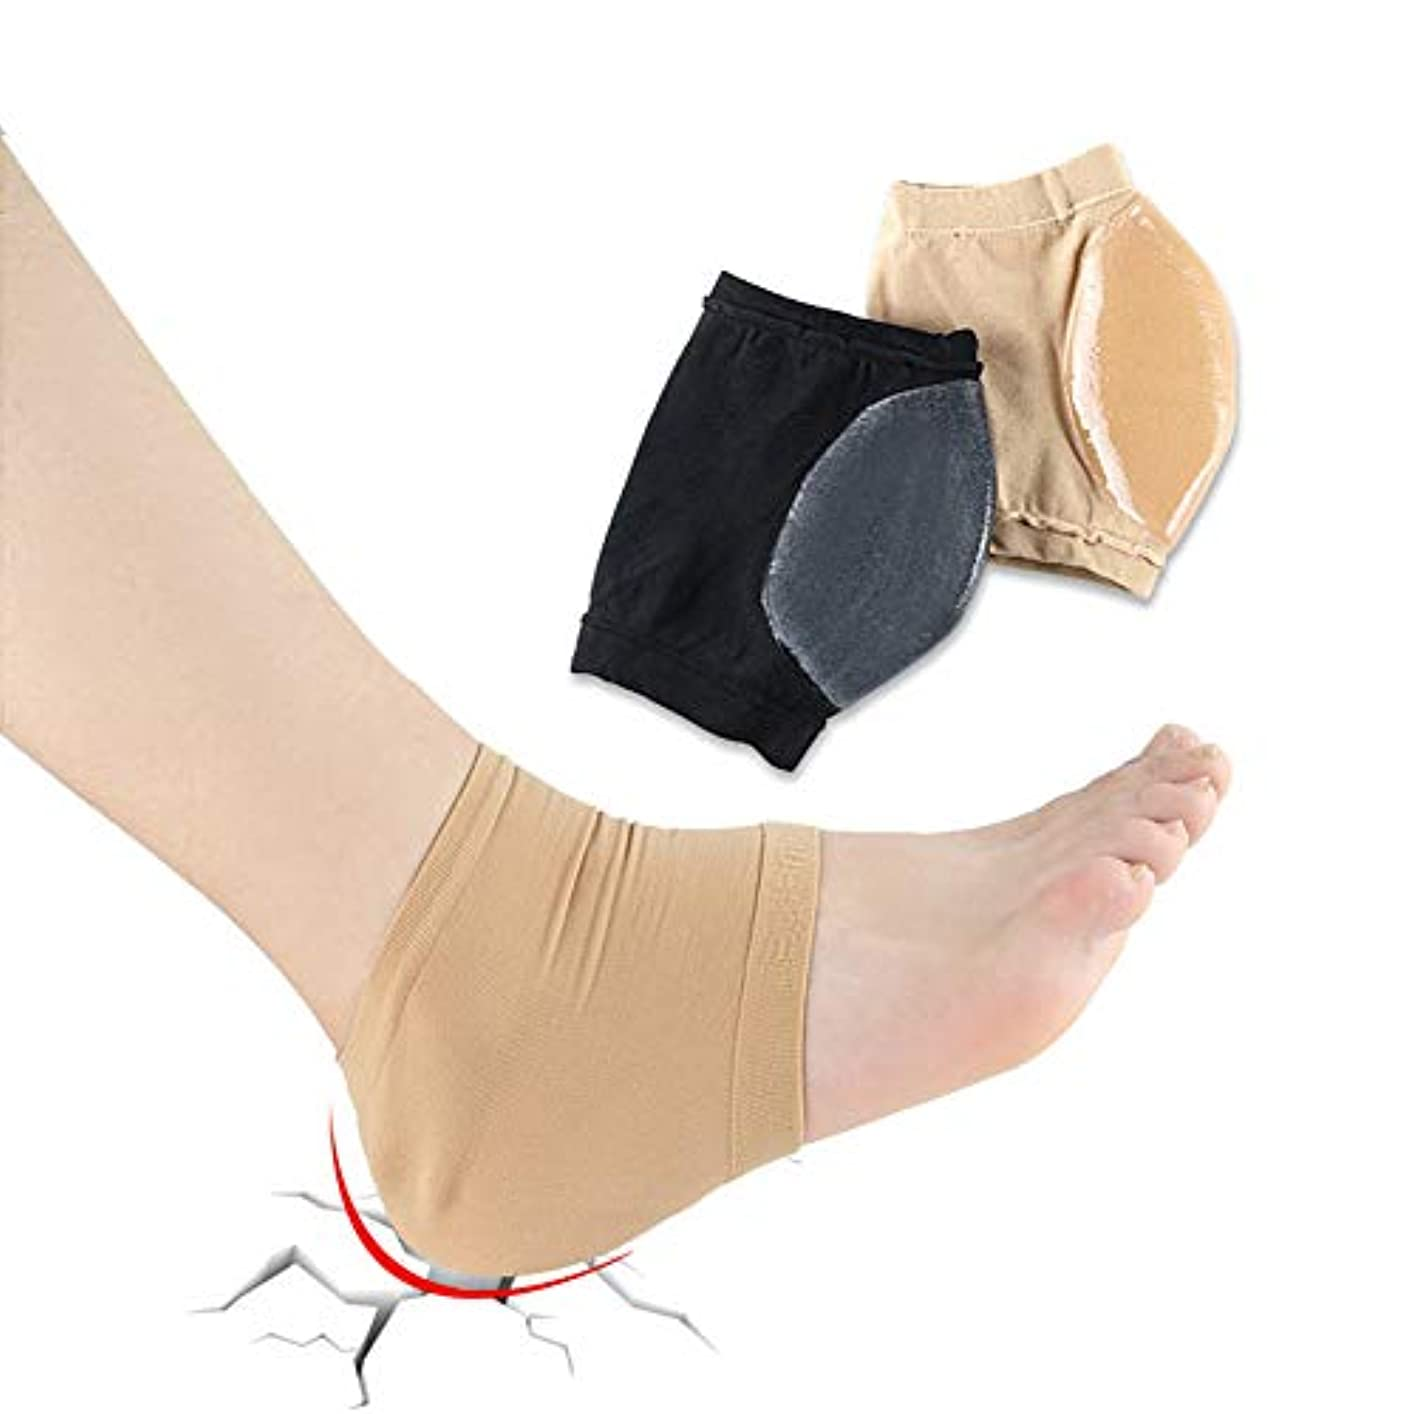 ドル作動する動かない伸縮性のある足スリーブ、ジェルパッド衝撃吸収性ヒール付きソックス、かかとを保護するためのかかとを保護するかかとユニセックス(2ペア),Flesh,M